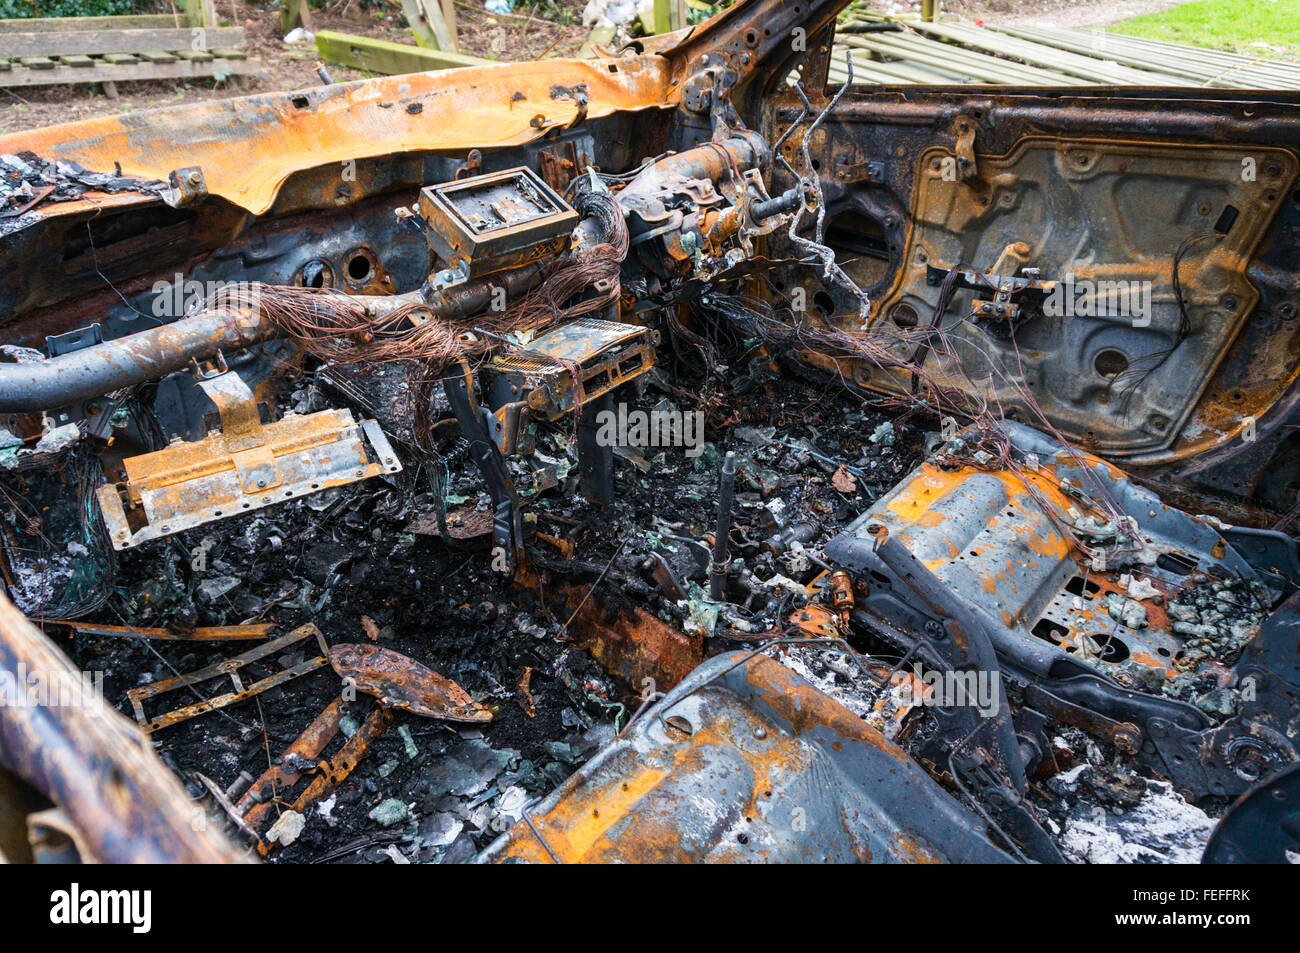 Abandoned fire damaged car - Stock Image